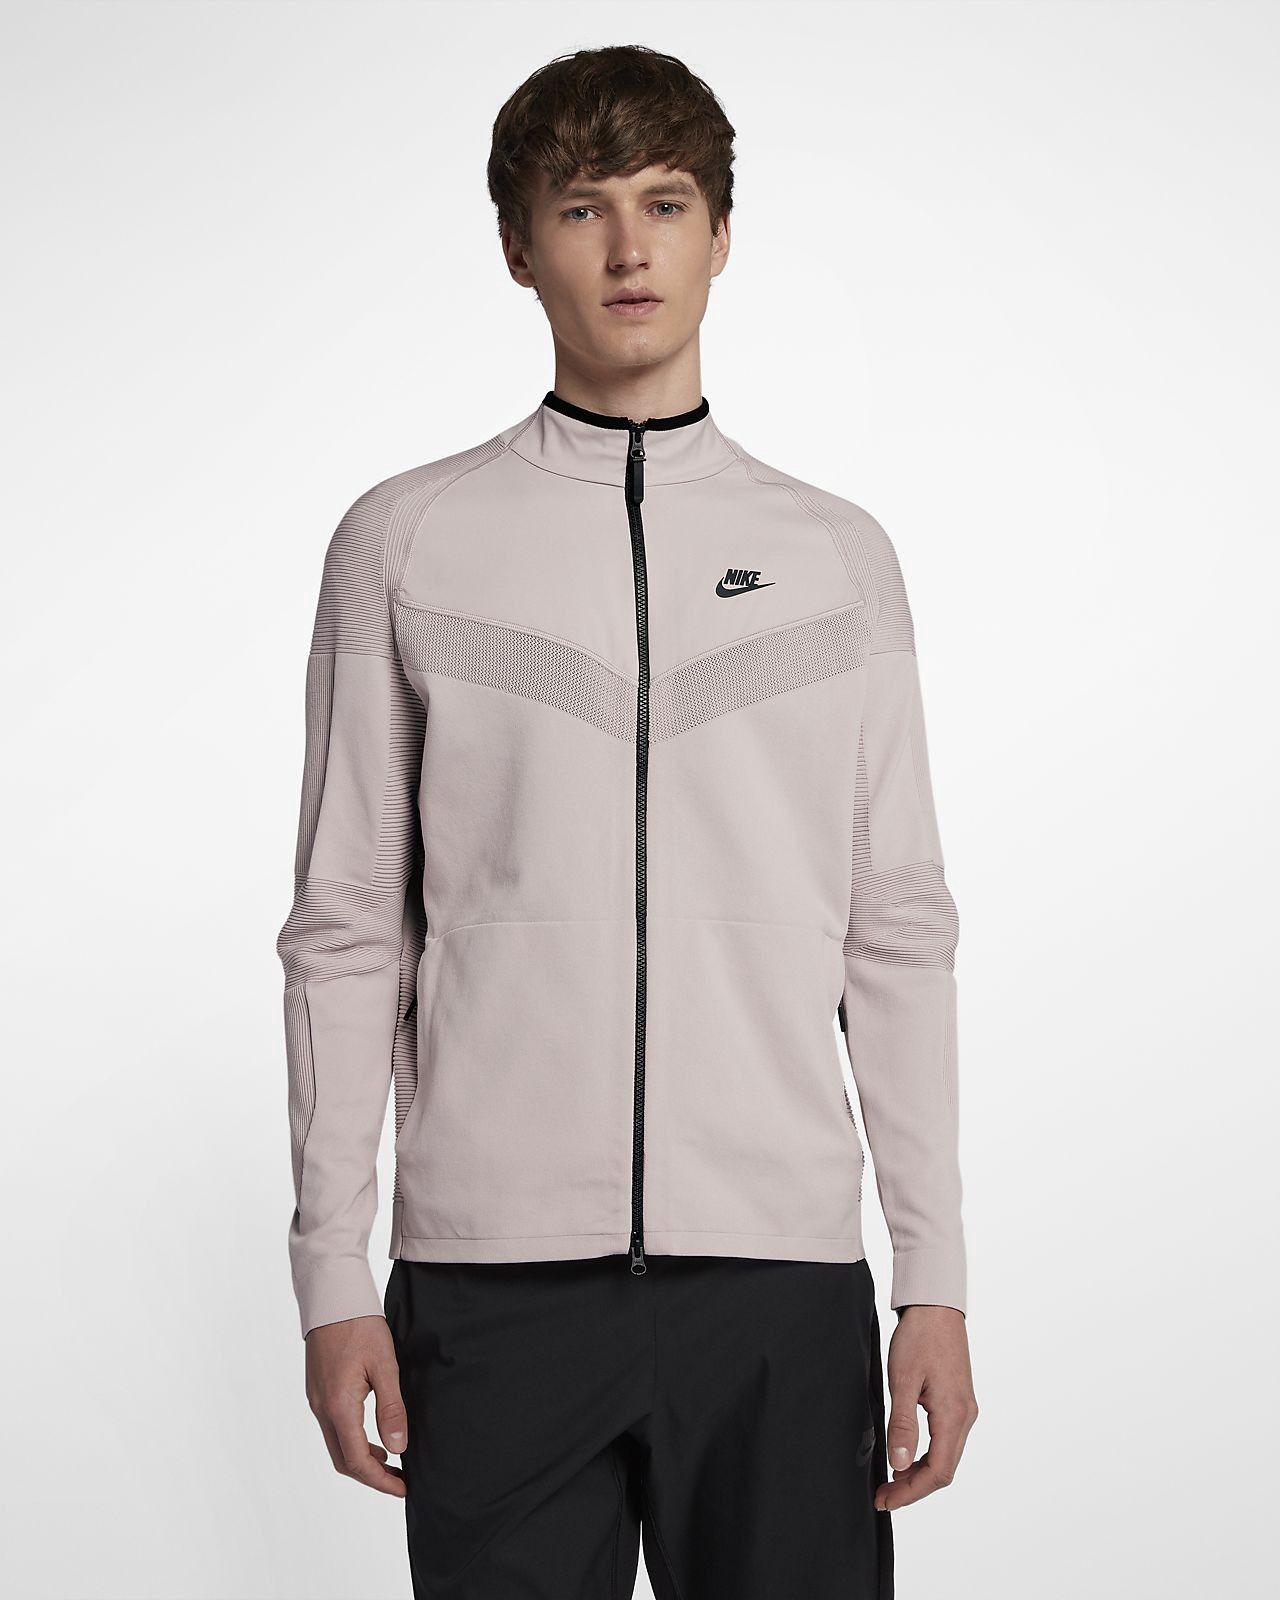 abe73f9e Nike Sportswear Tech Knit Men's Jacket - S | Products | Nike ...